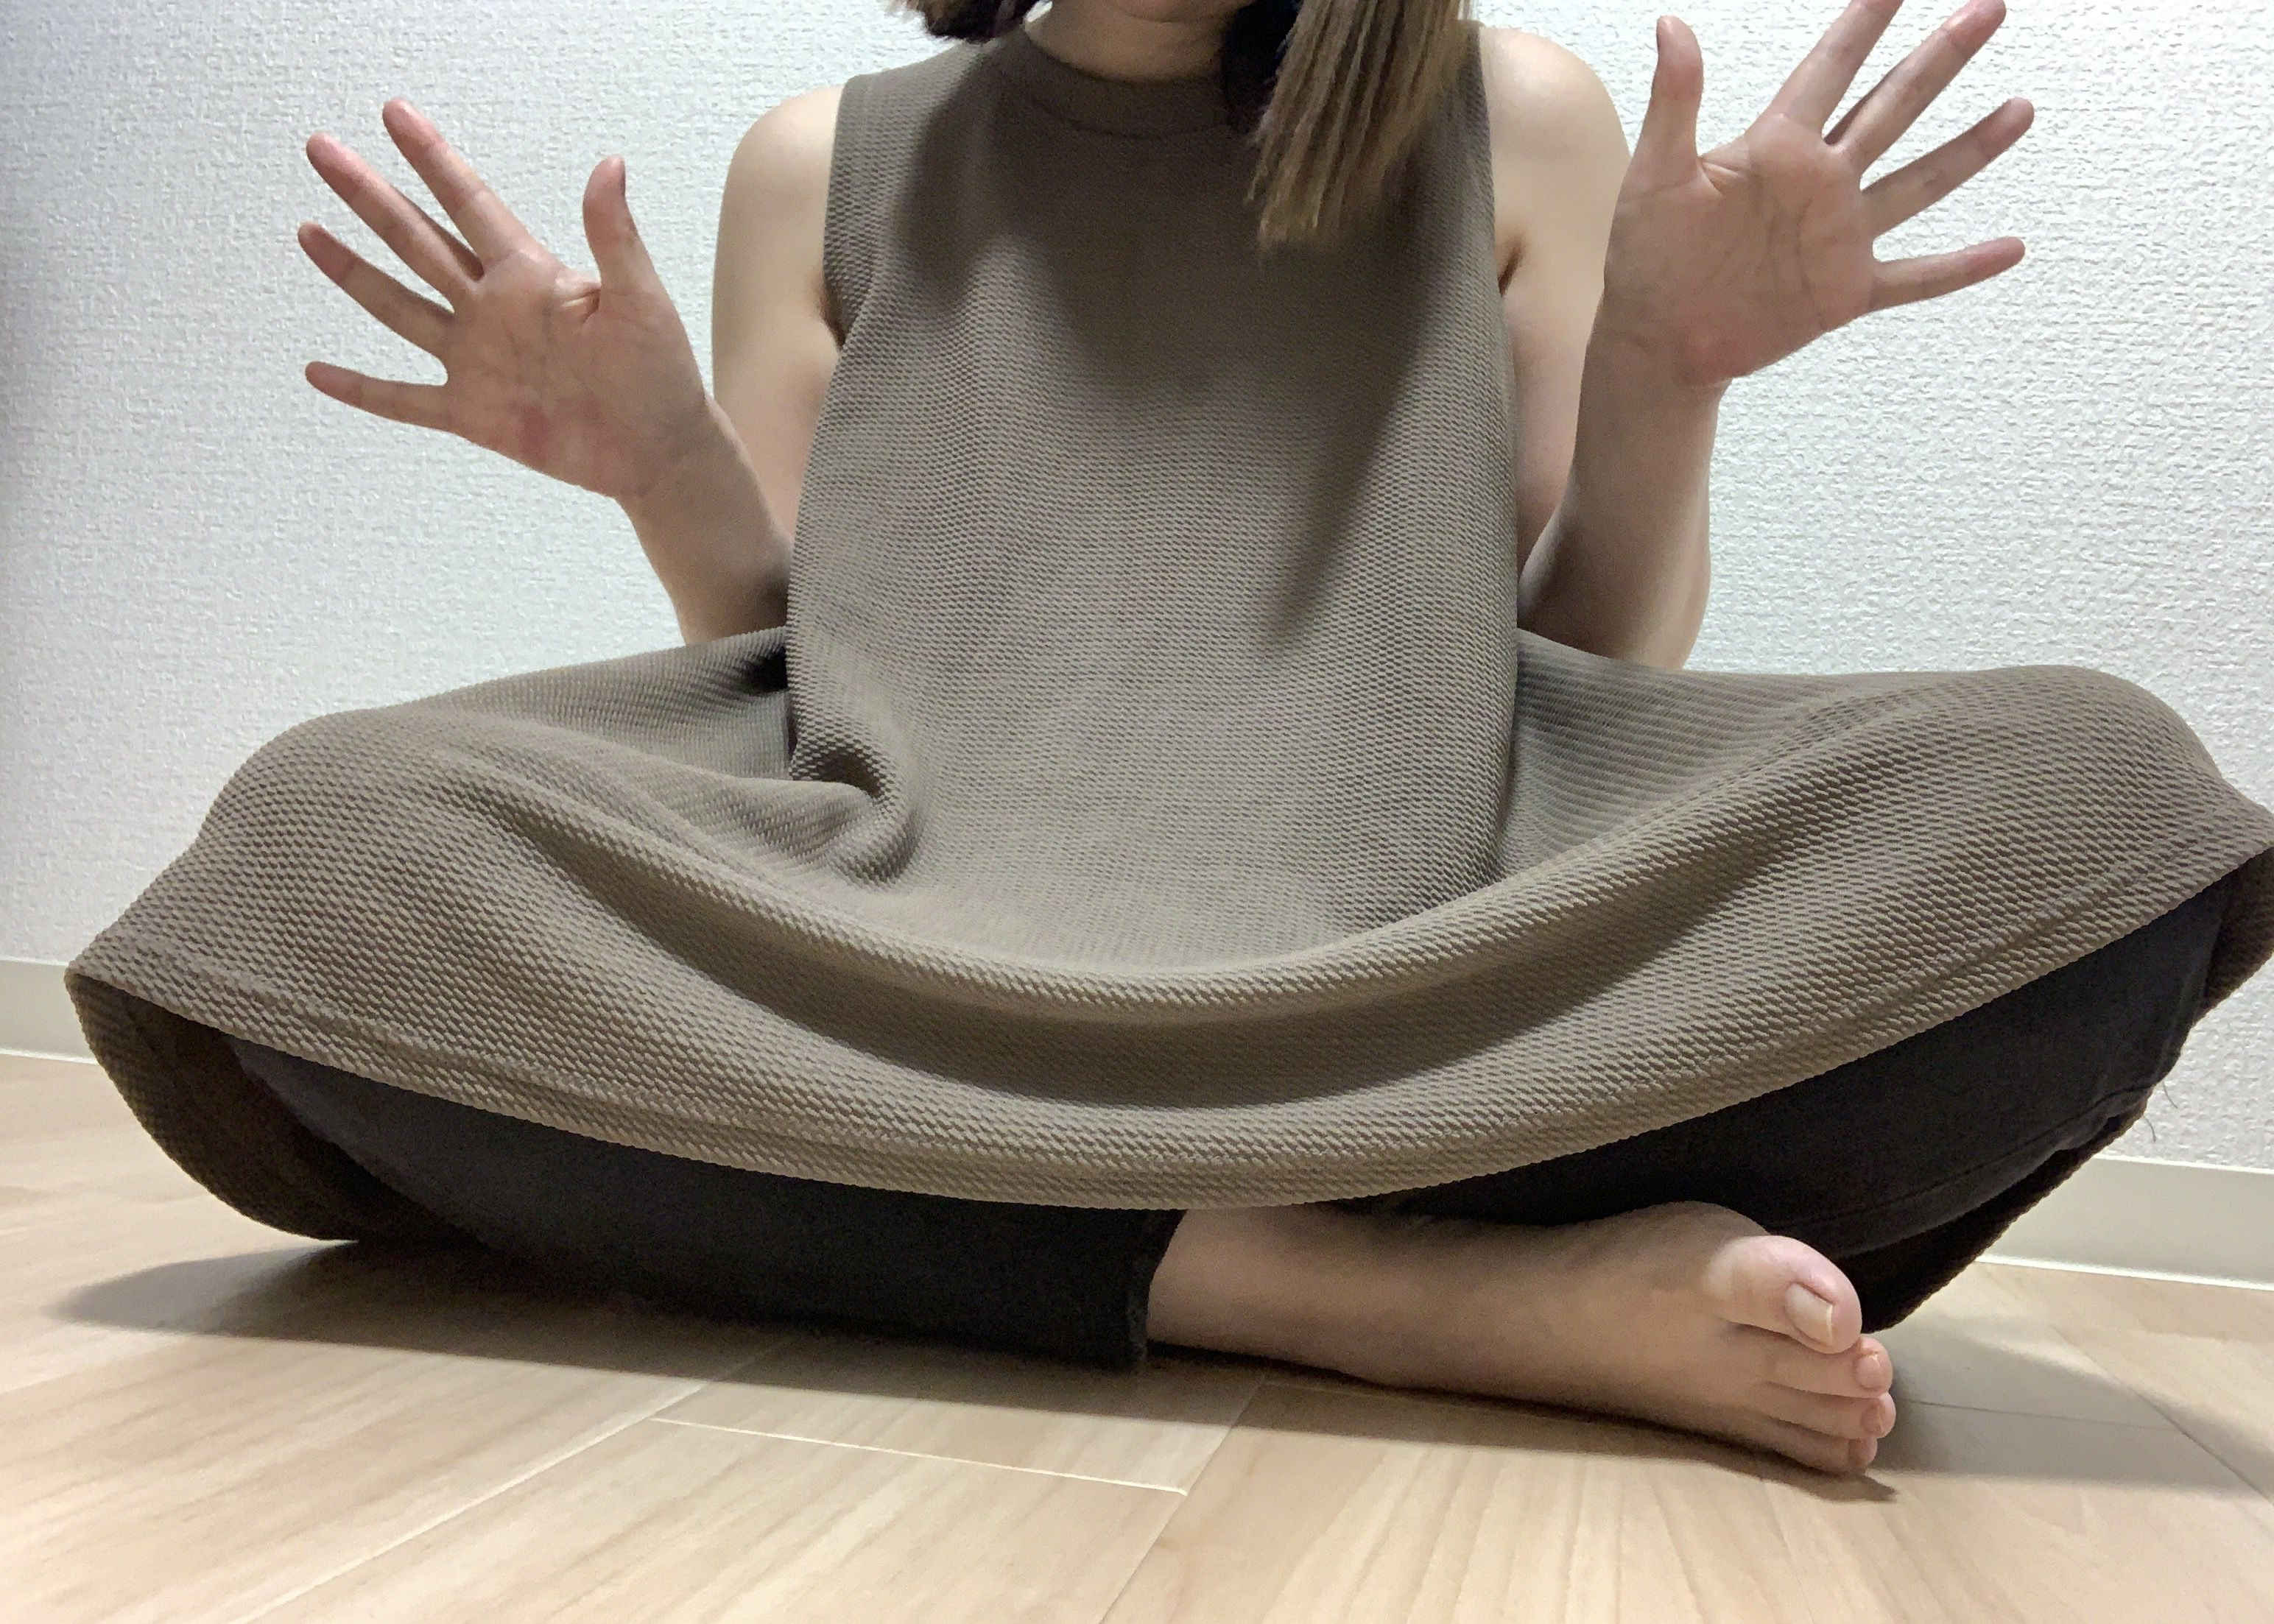 普通の女の子の脇毛抜き-スマホ自撮り◎あんな(26歳)OL サンプル画像01